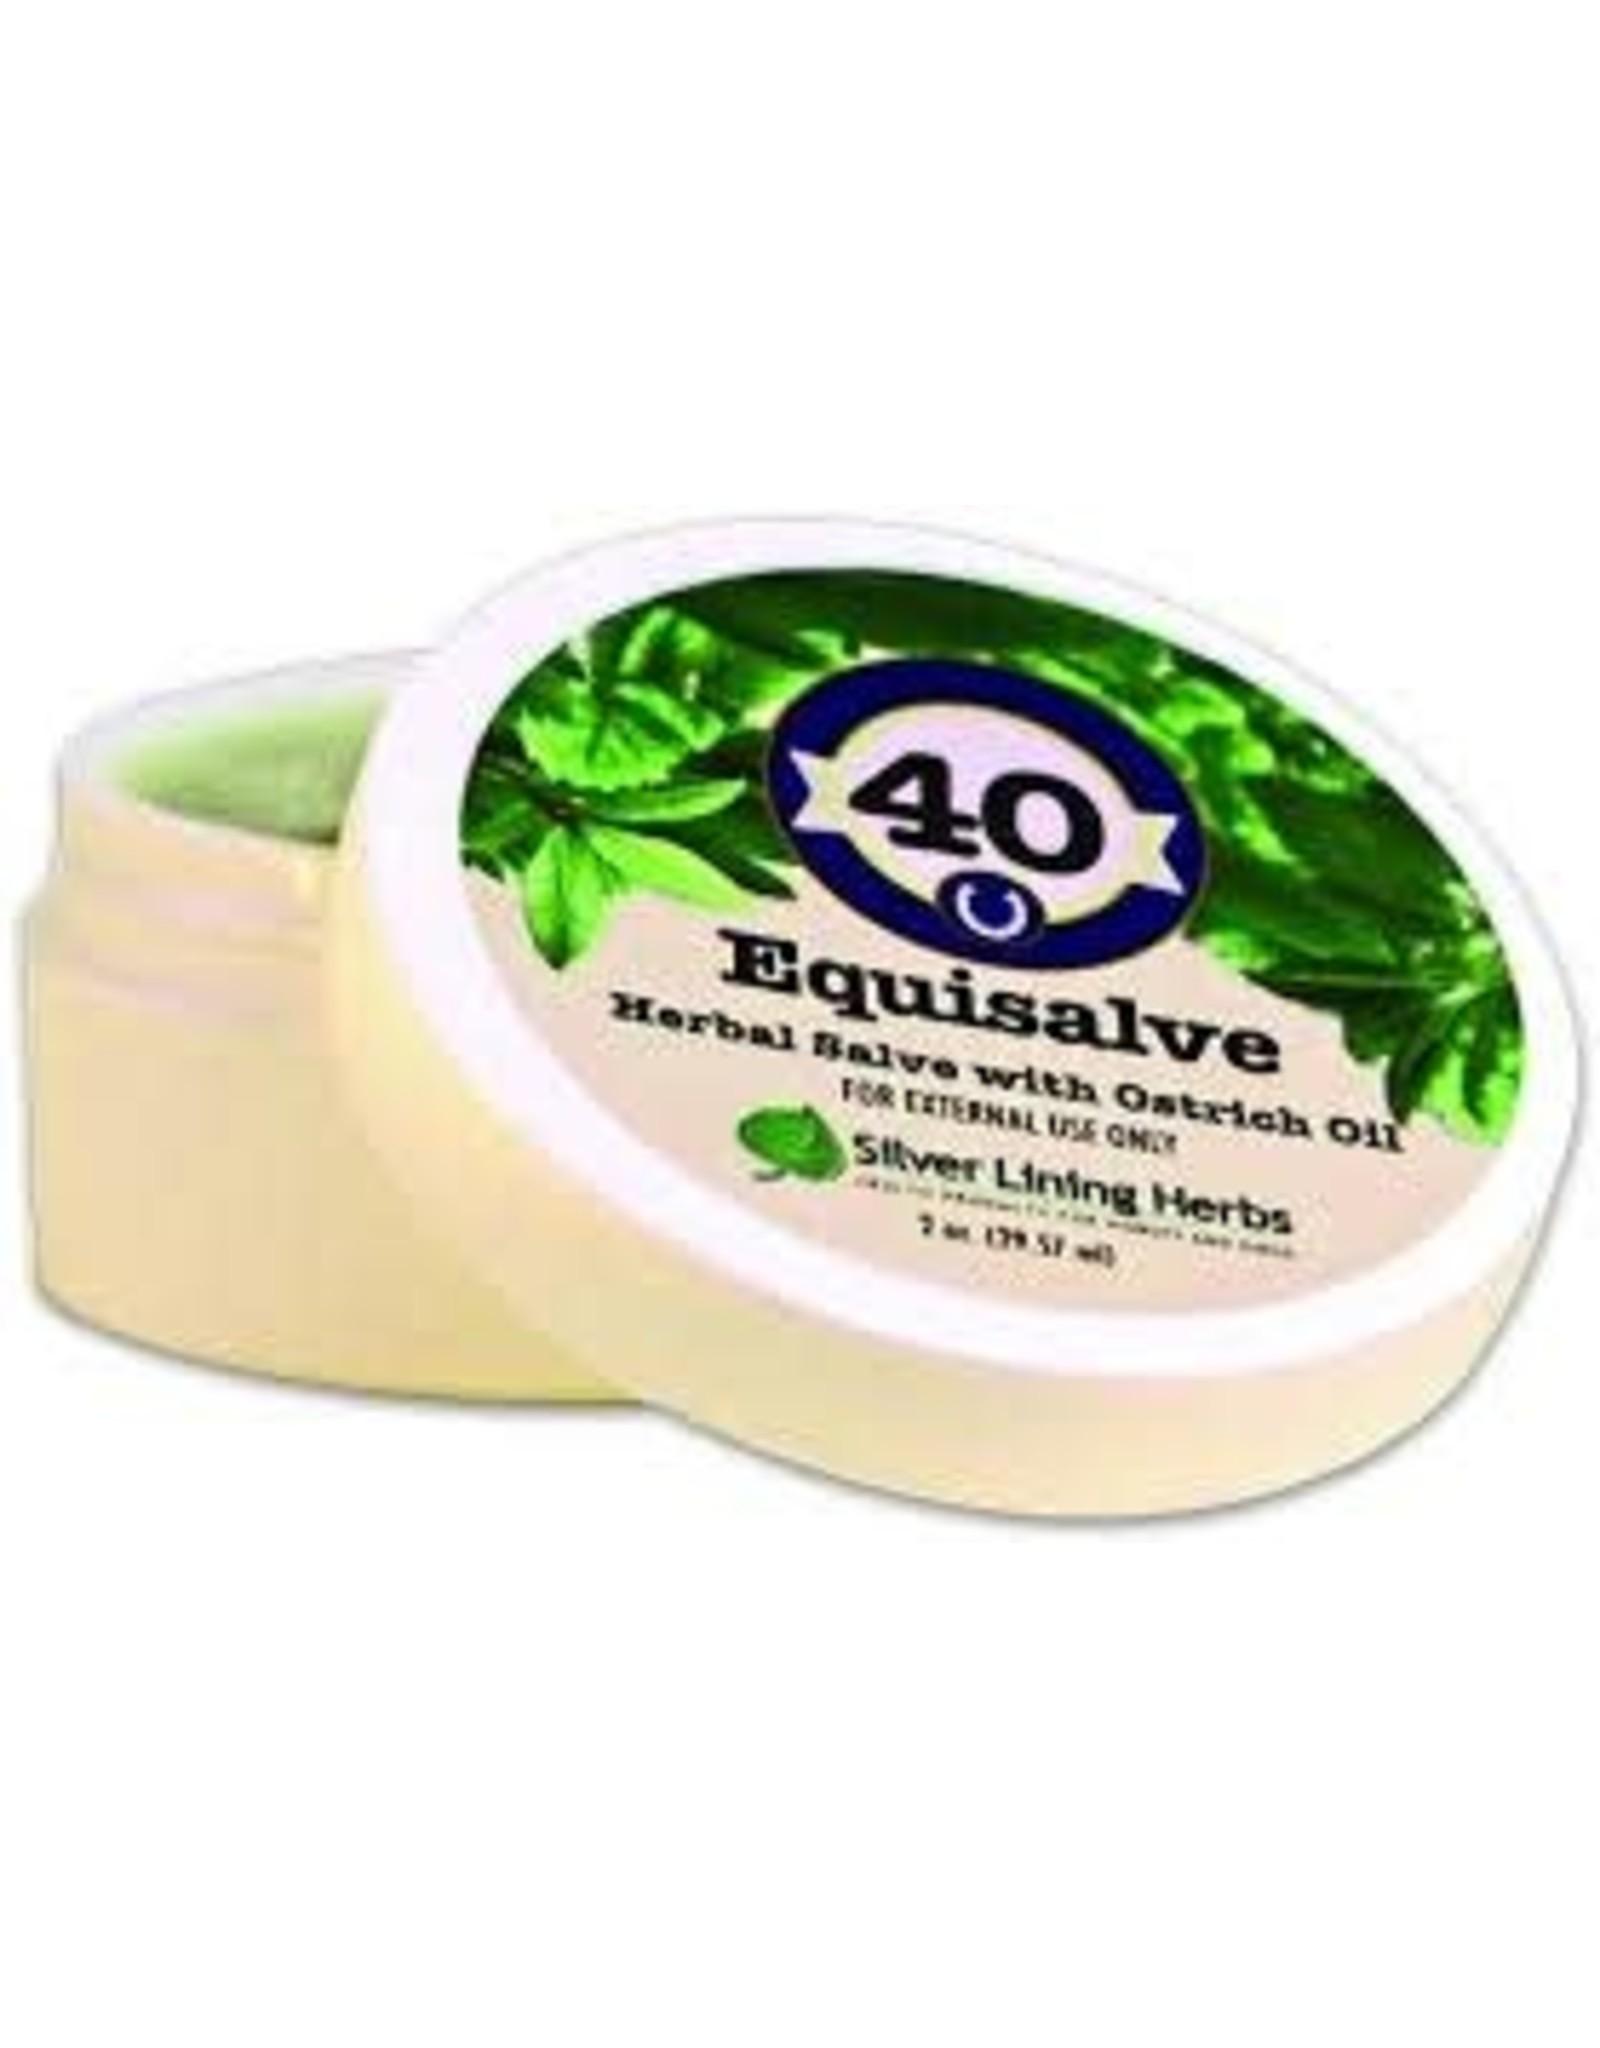 40 Equisalve SLH E40